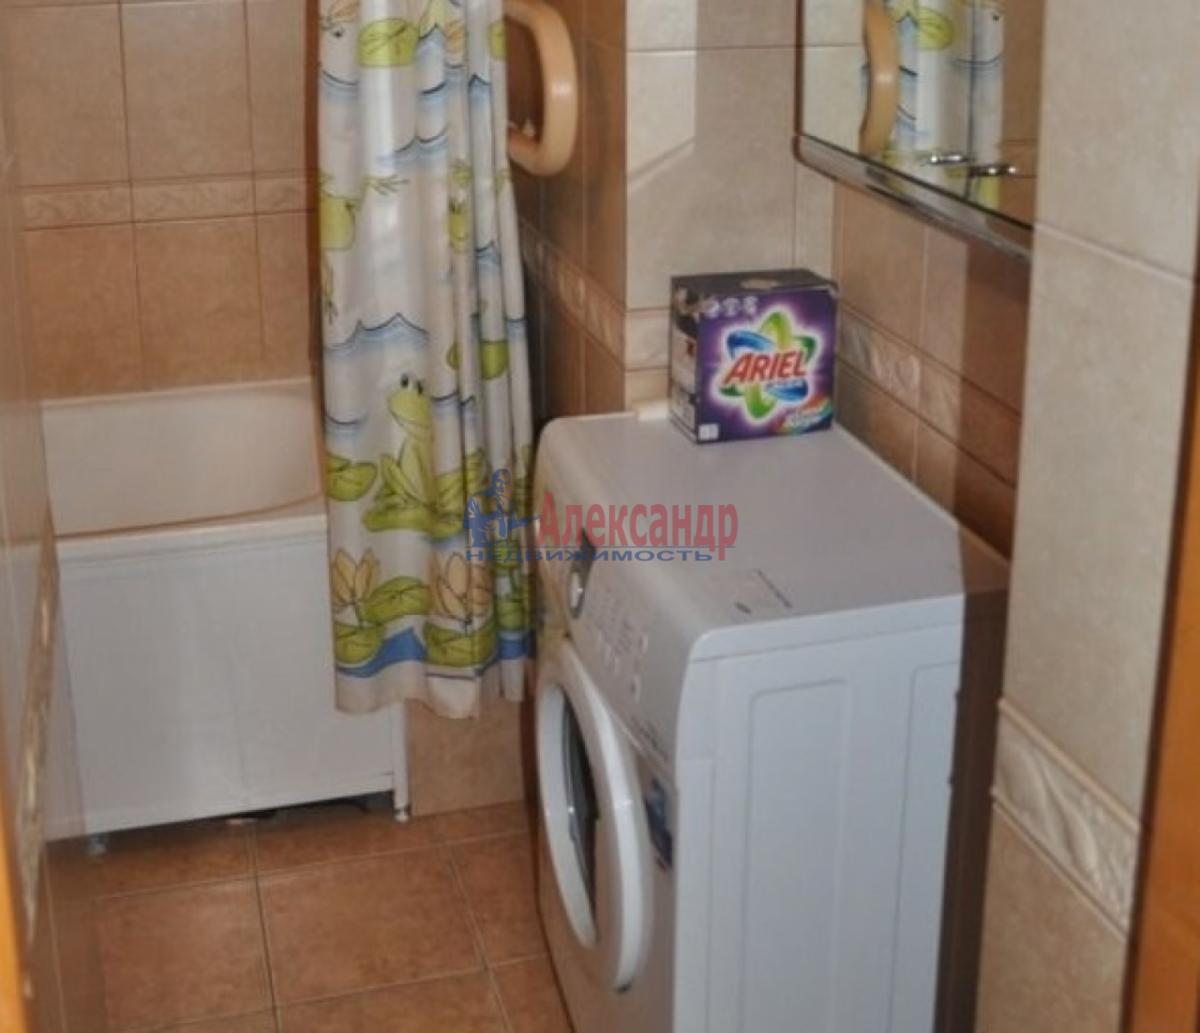 2-комнатная квартира (48м2) в аренду по адресу Севастьянова ул.— фото 3 из 7